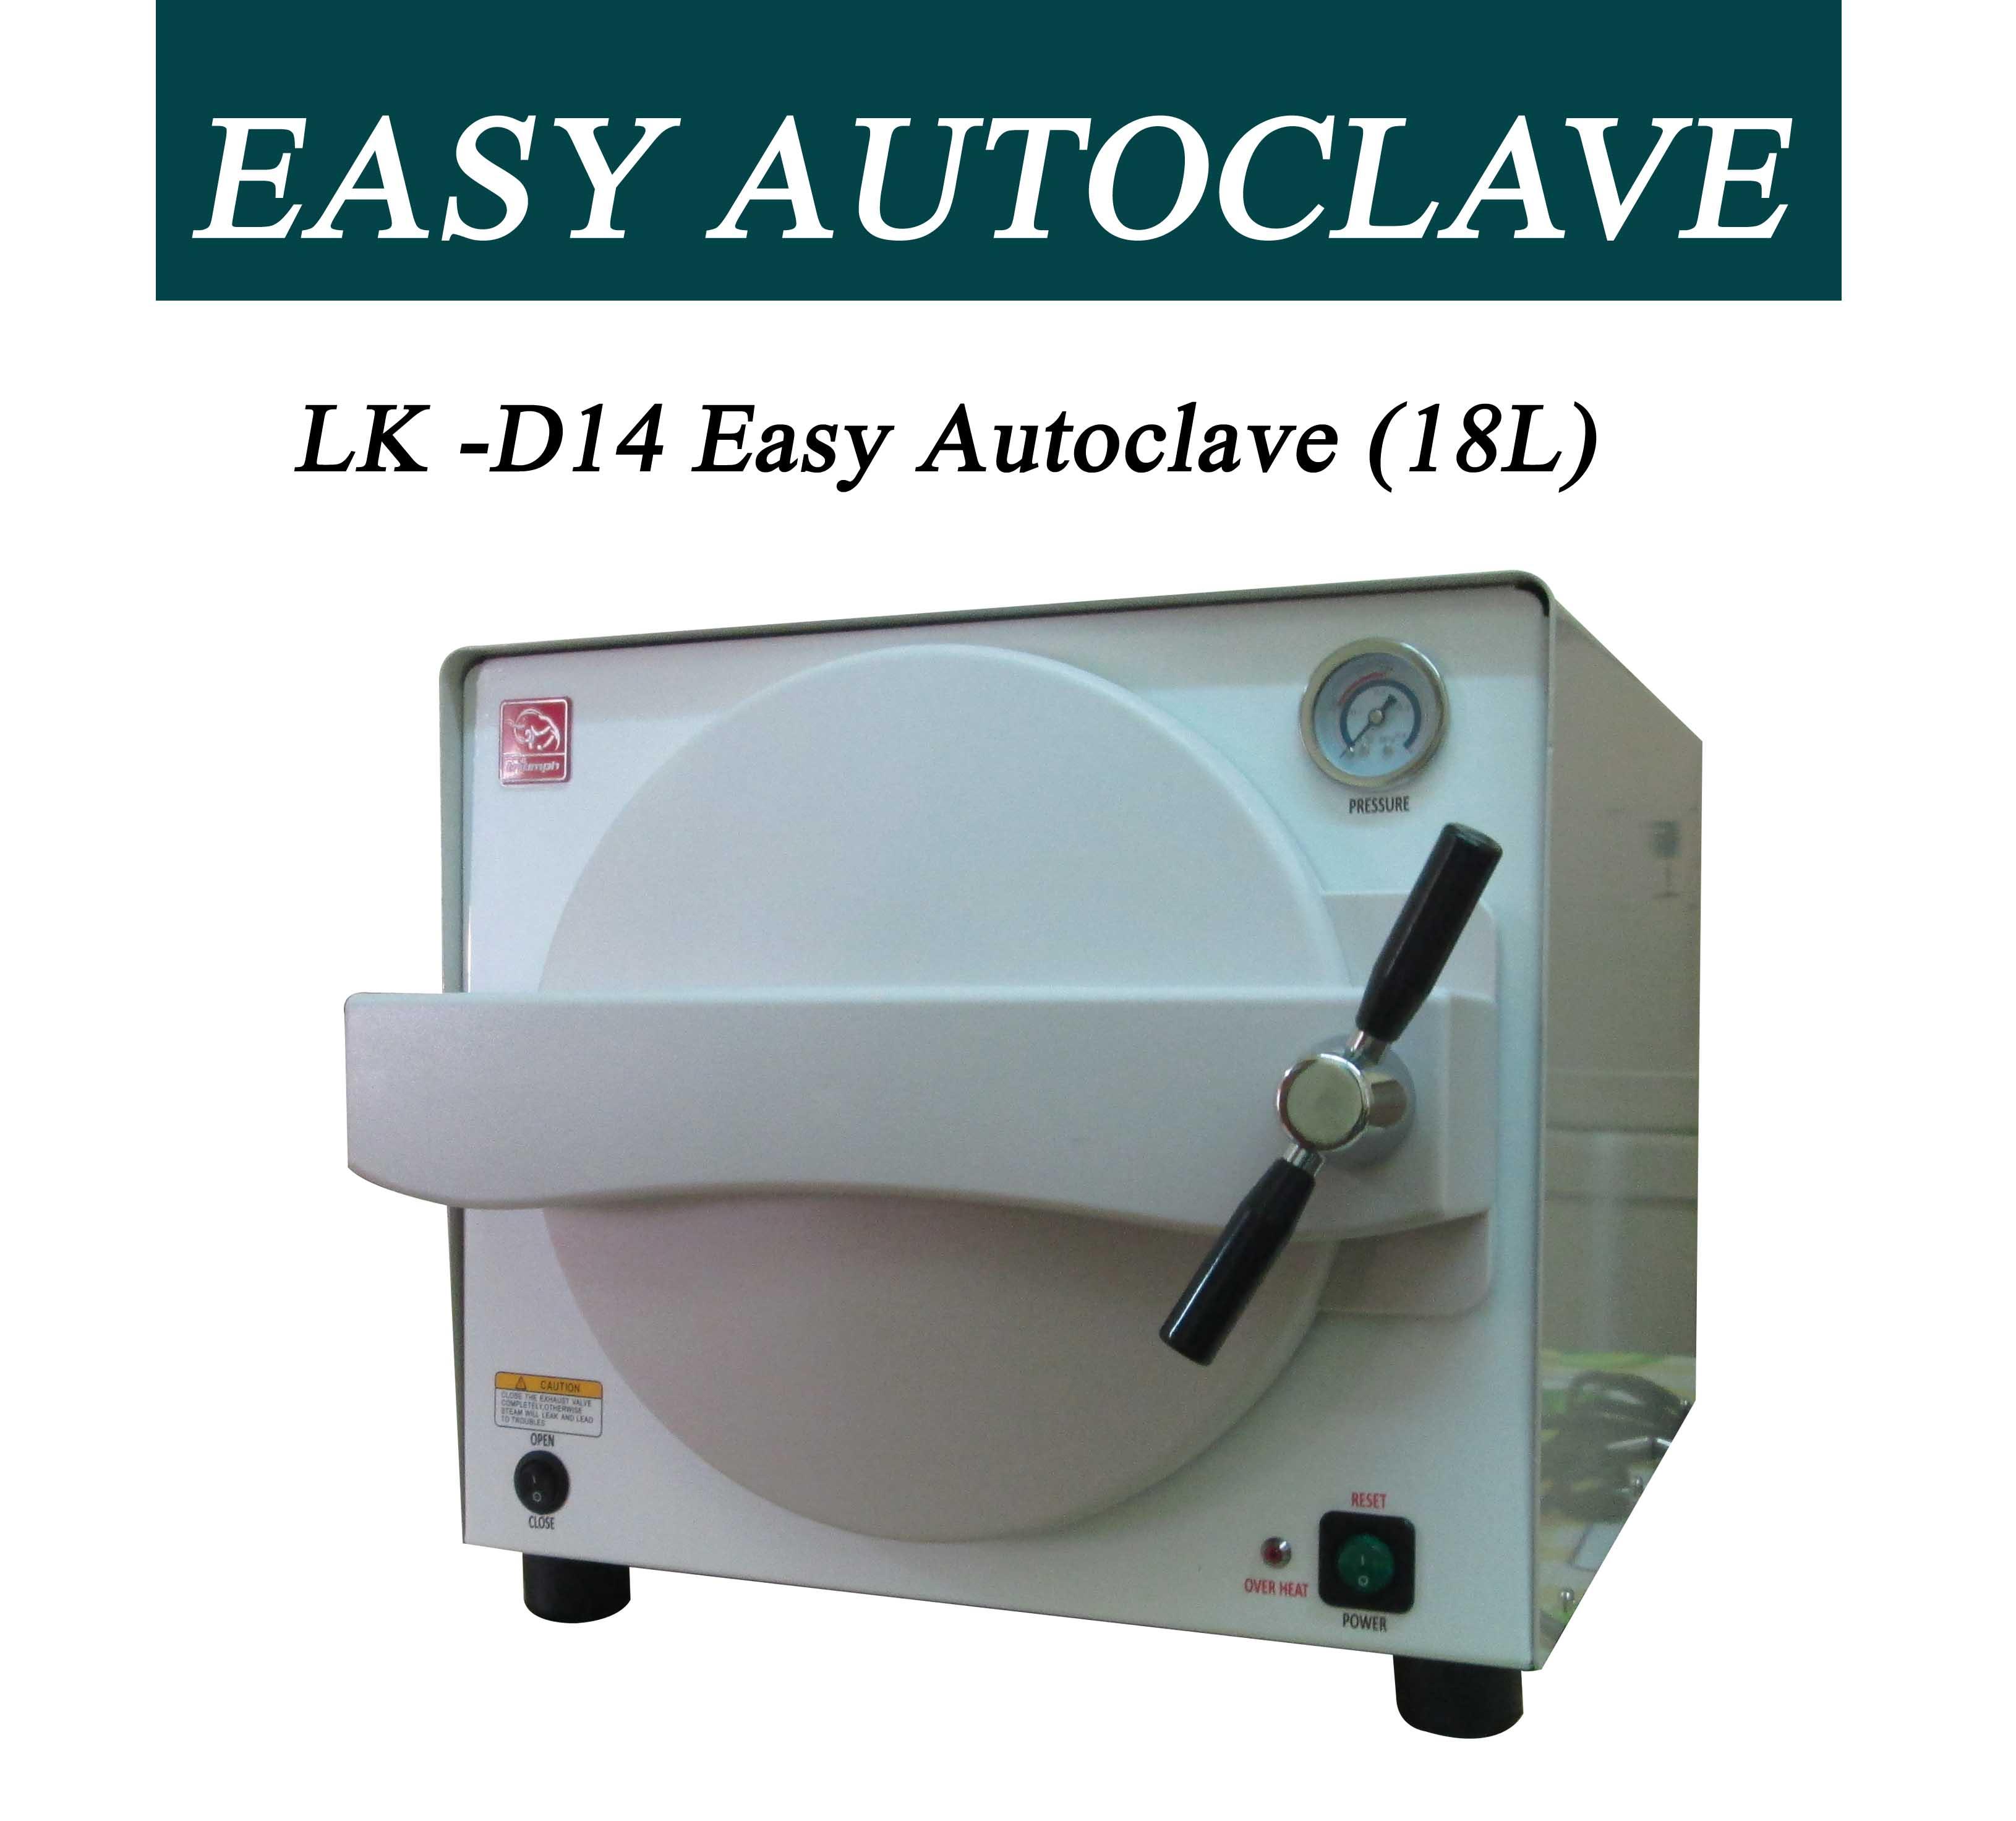 LK-D14 Easy Autoclave (18L)